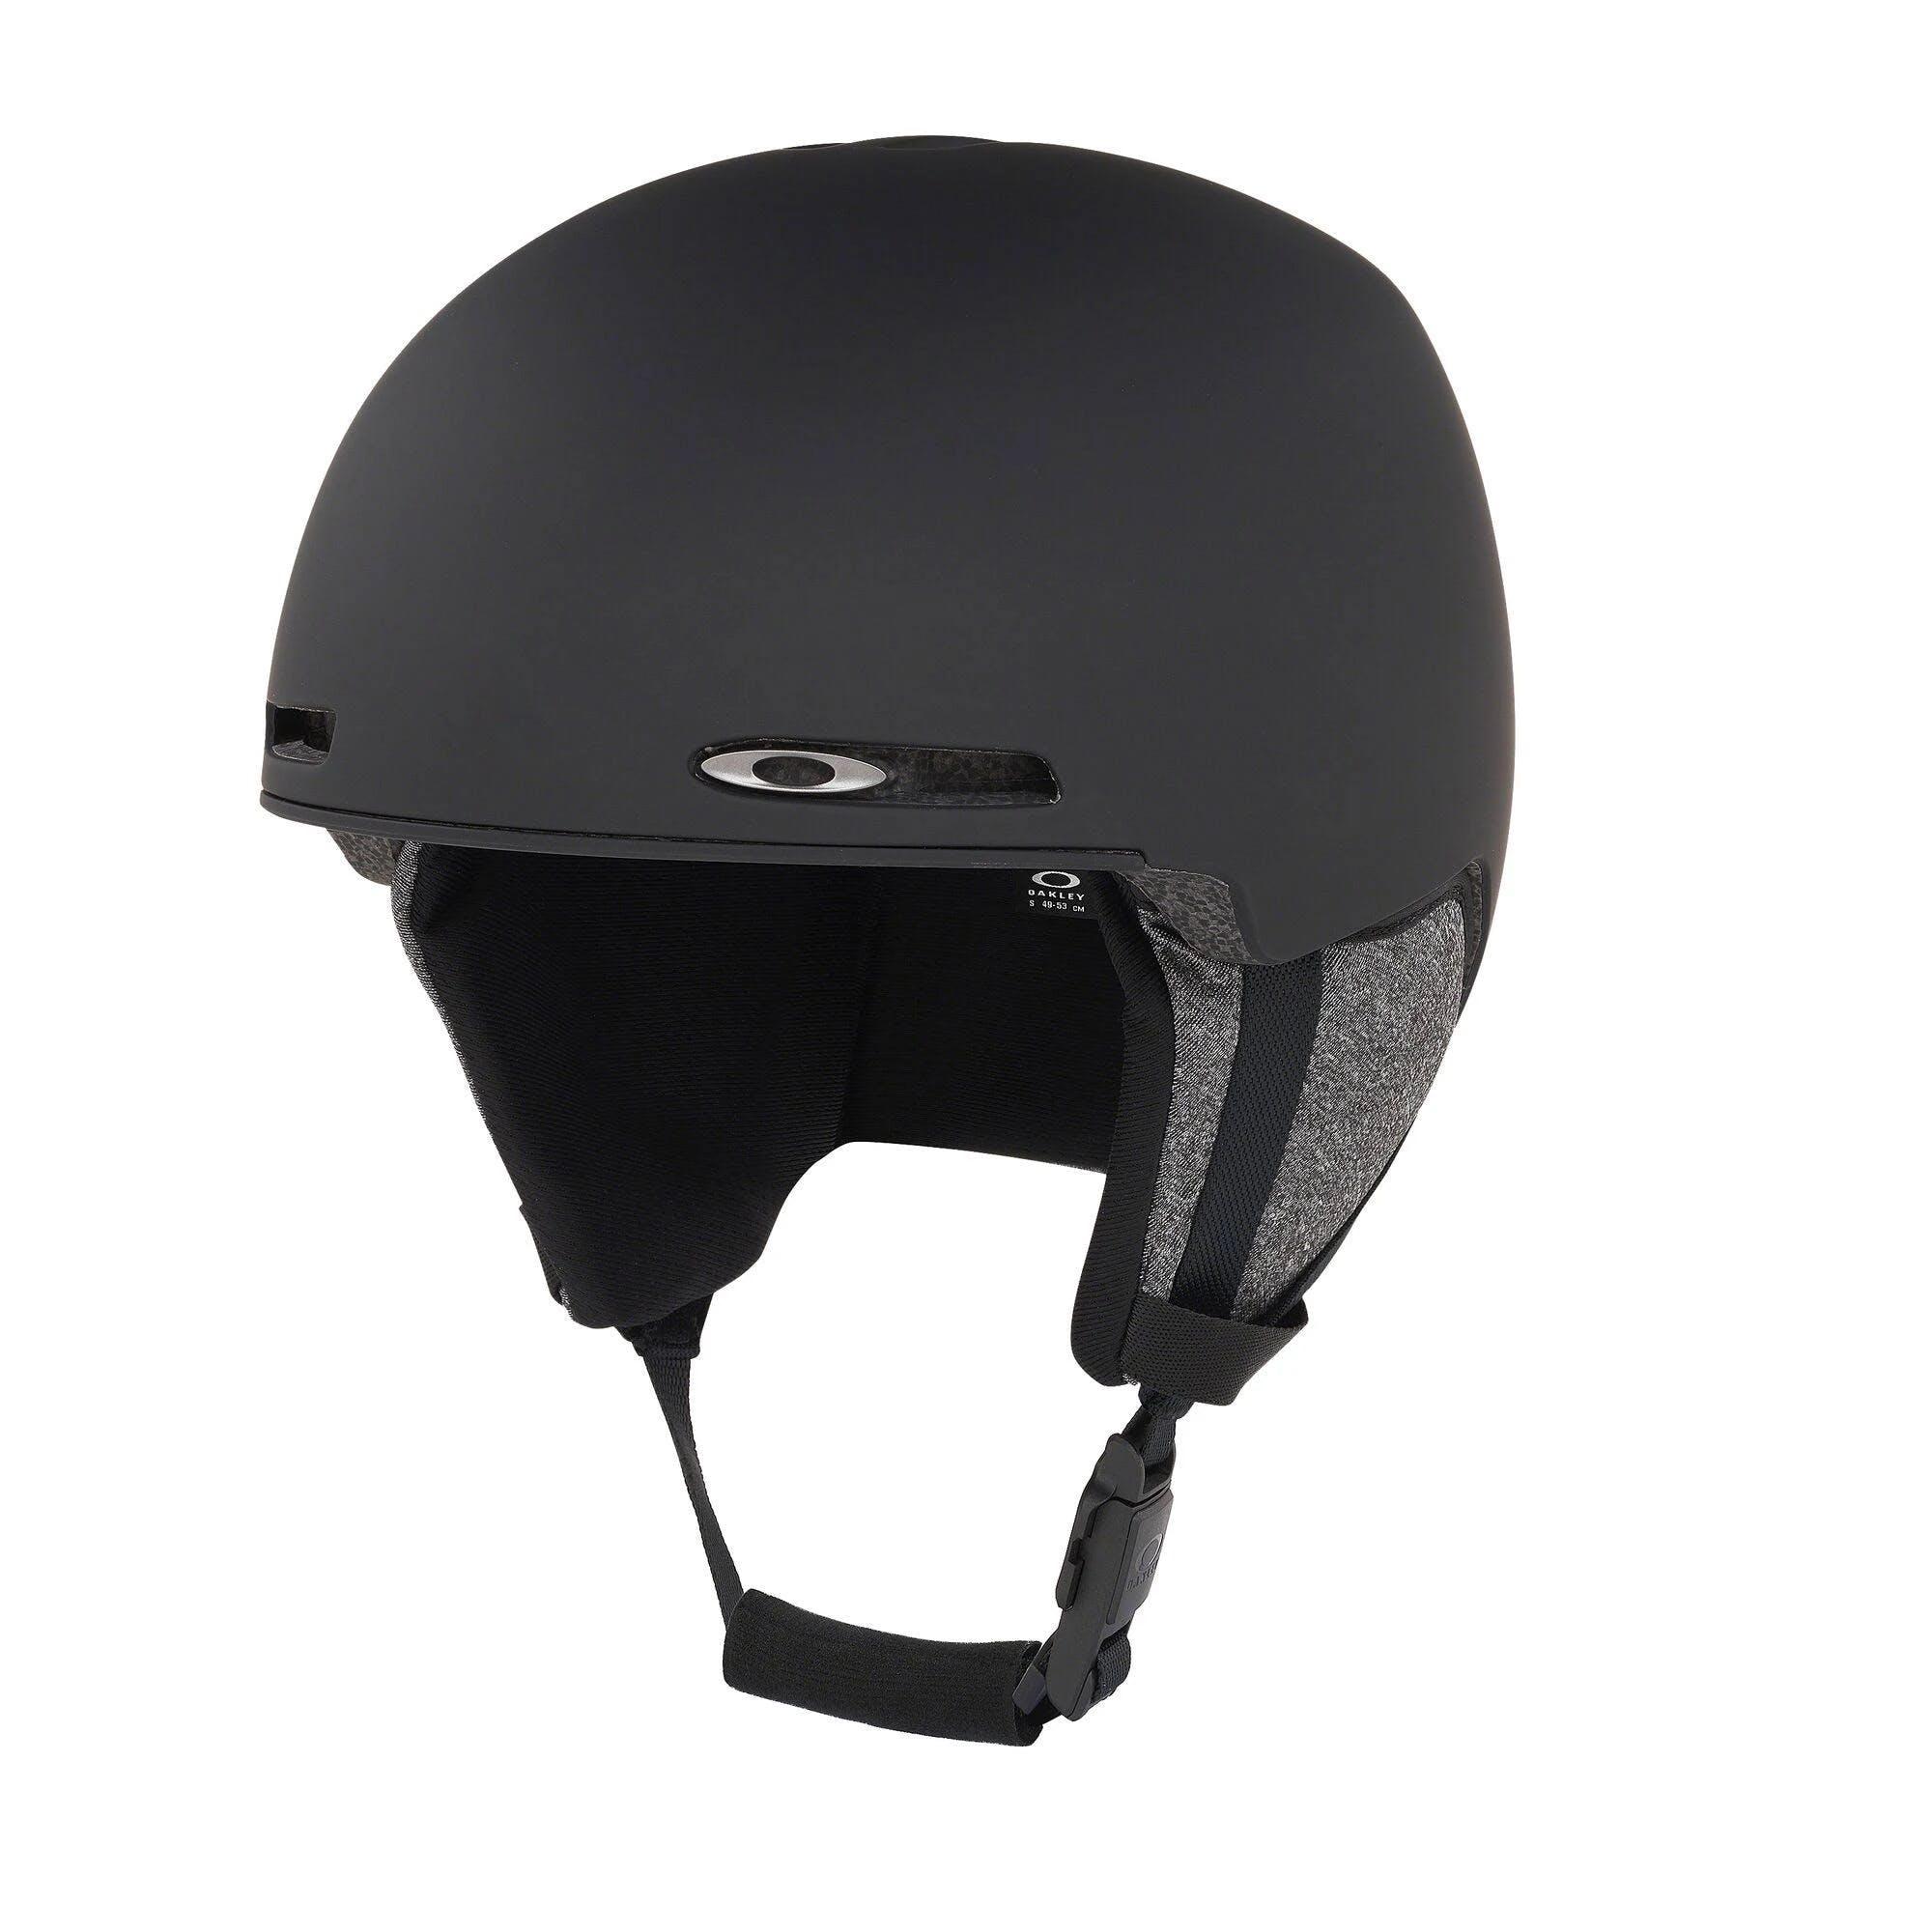 Oakley Youth Mod1 Helmet